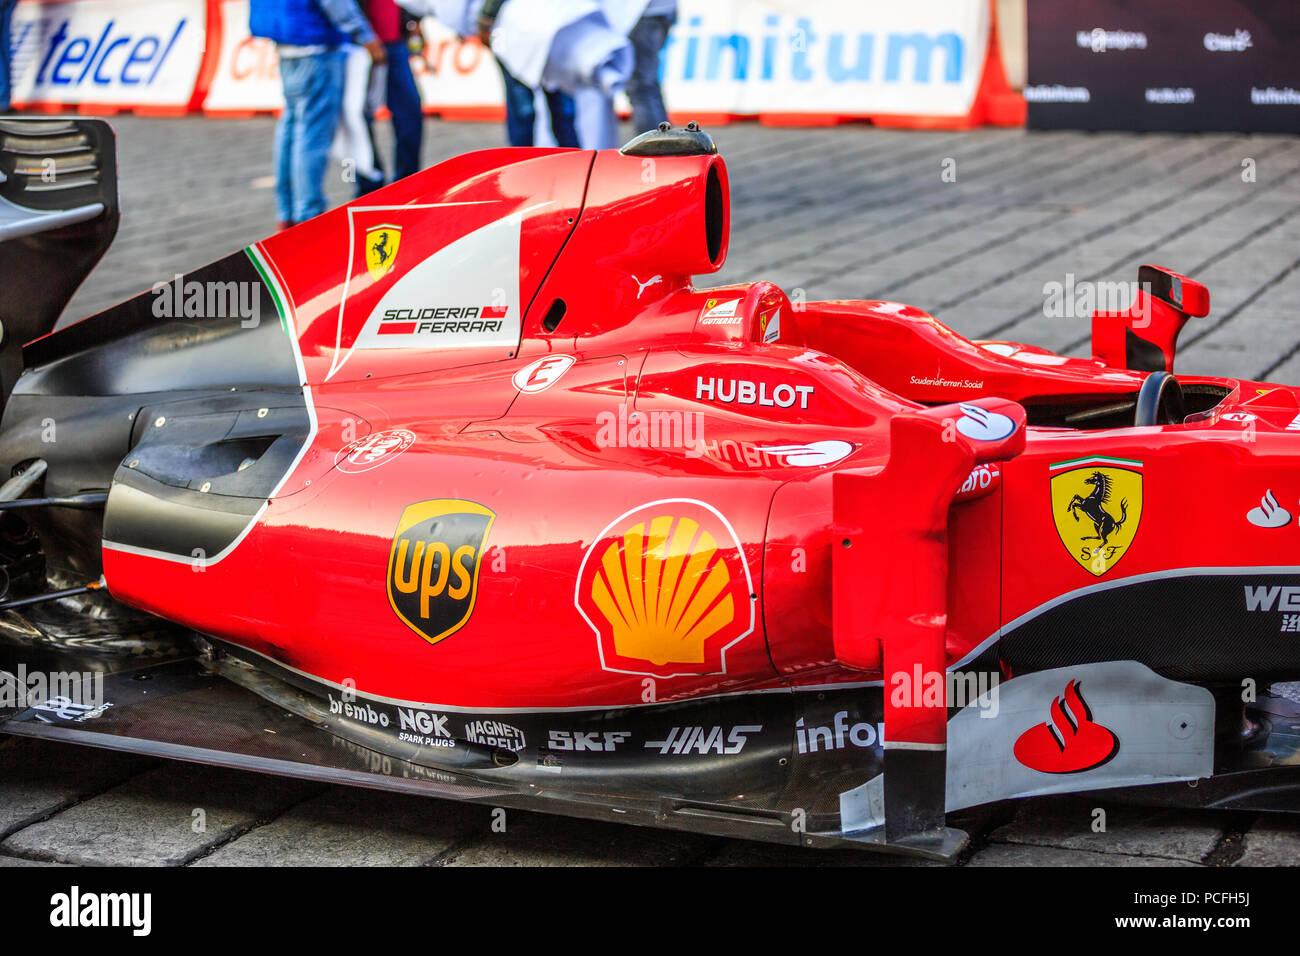 Mexico City, Mexico - July 08, 2015: The Ferrari  F1 F60 car. At the Scuderia Ferrari Street Demo By Telcel - Infinitum. - Stock Image